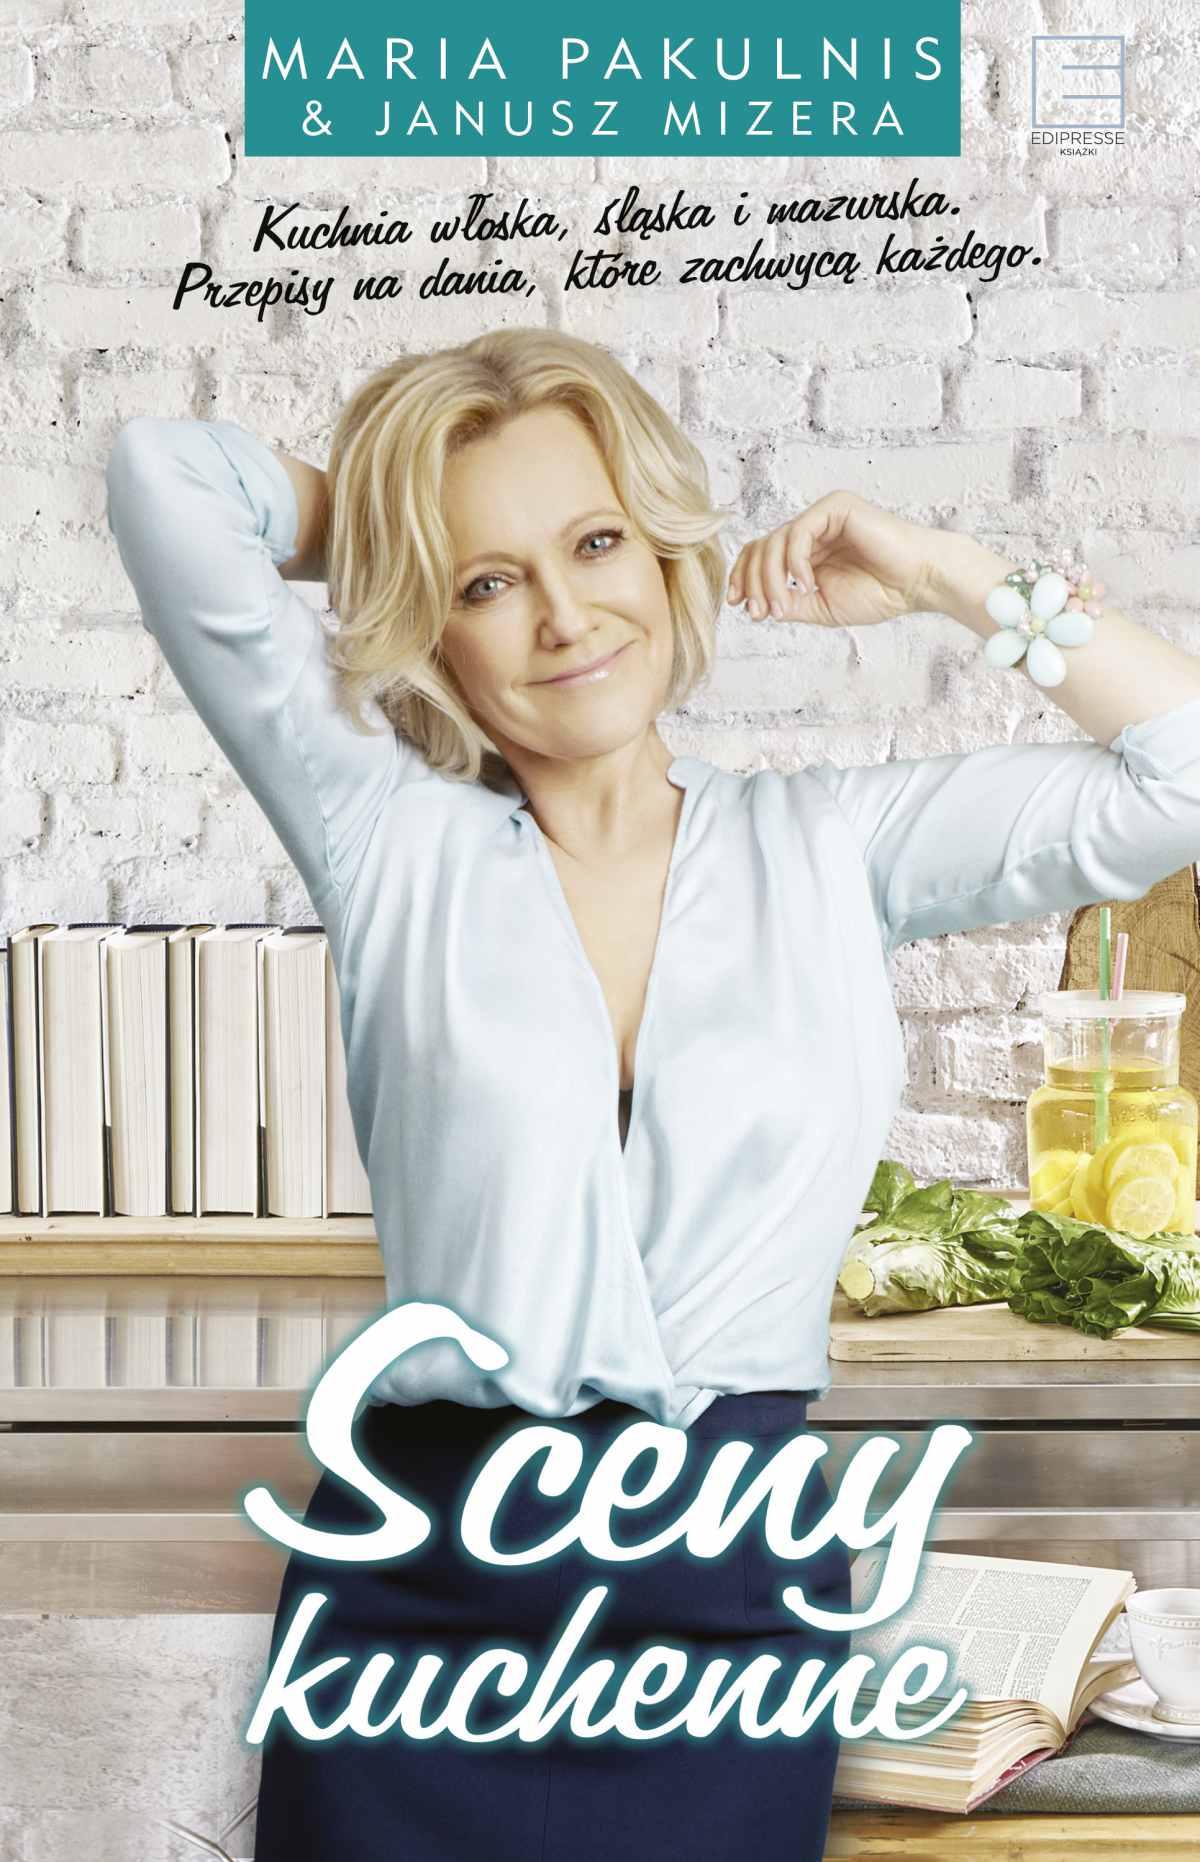 Sceny kuchenne - Ebook (Książka EPUB) do pobrania w formacie EPUB